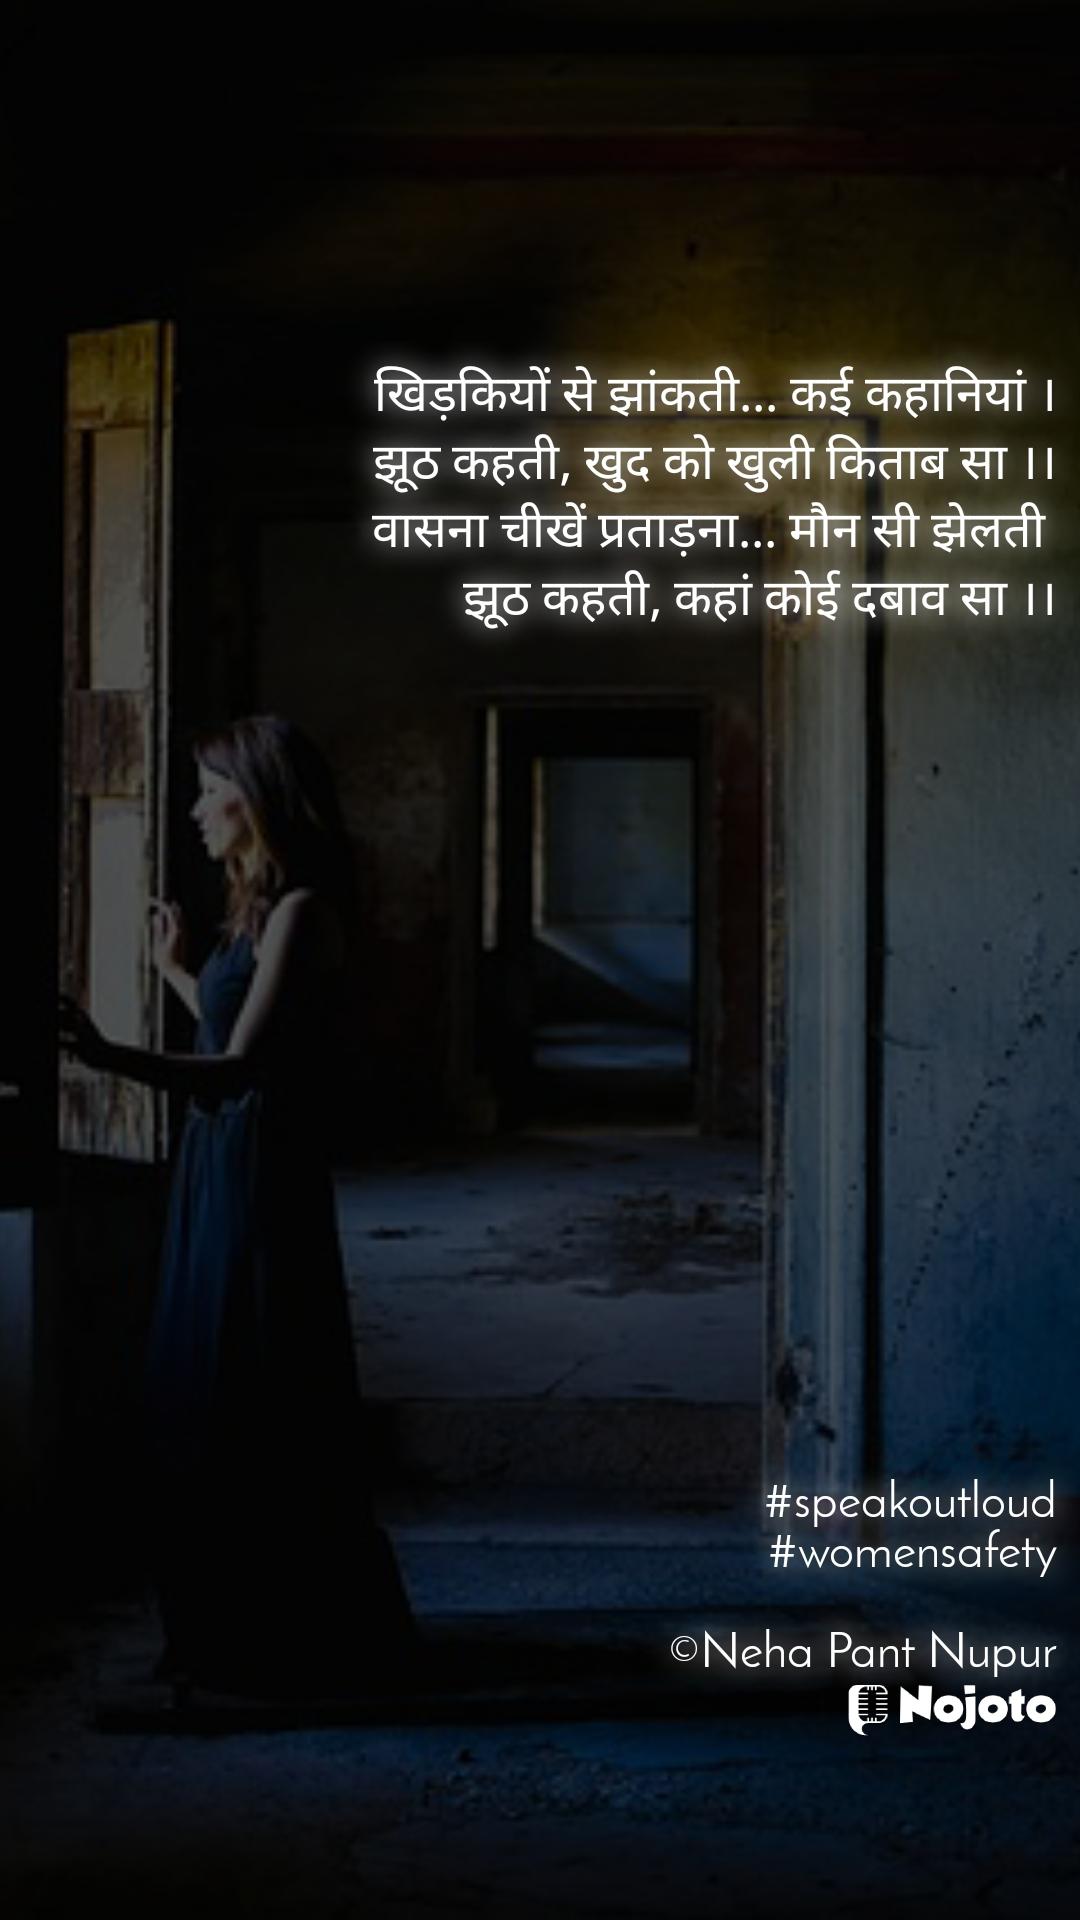 खिड़कियों से झांकती... कई कहानियां । झूठ कहती, खुद को खुली किताब सा ।। वासना चीखें प्रताड़ना... मौन सी झेलती  झूठ कहती, कहां कोई दबाव सा ।।                  #speakoutloud #womensafety  ©Neha Pant Nupur